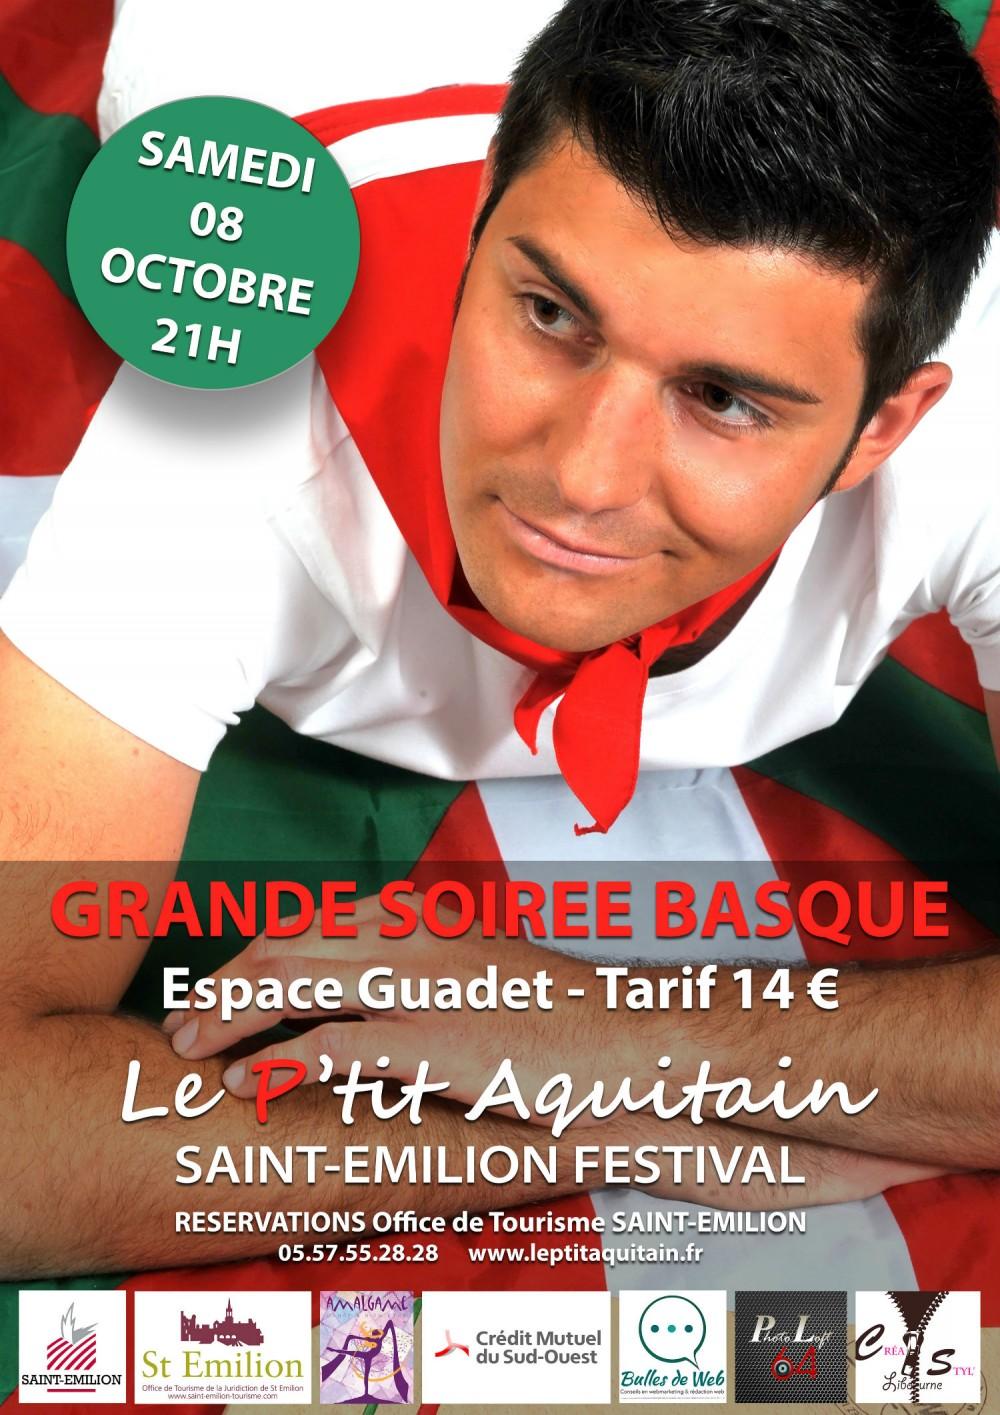 Le p 39 tit aquitain saint emilion festival site de l 39 office de tourisme du grand saint emilionnais - Office du tourisme st emilion ...